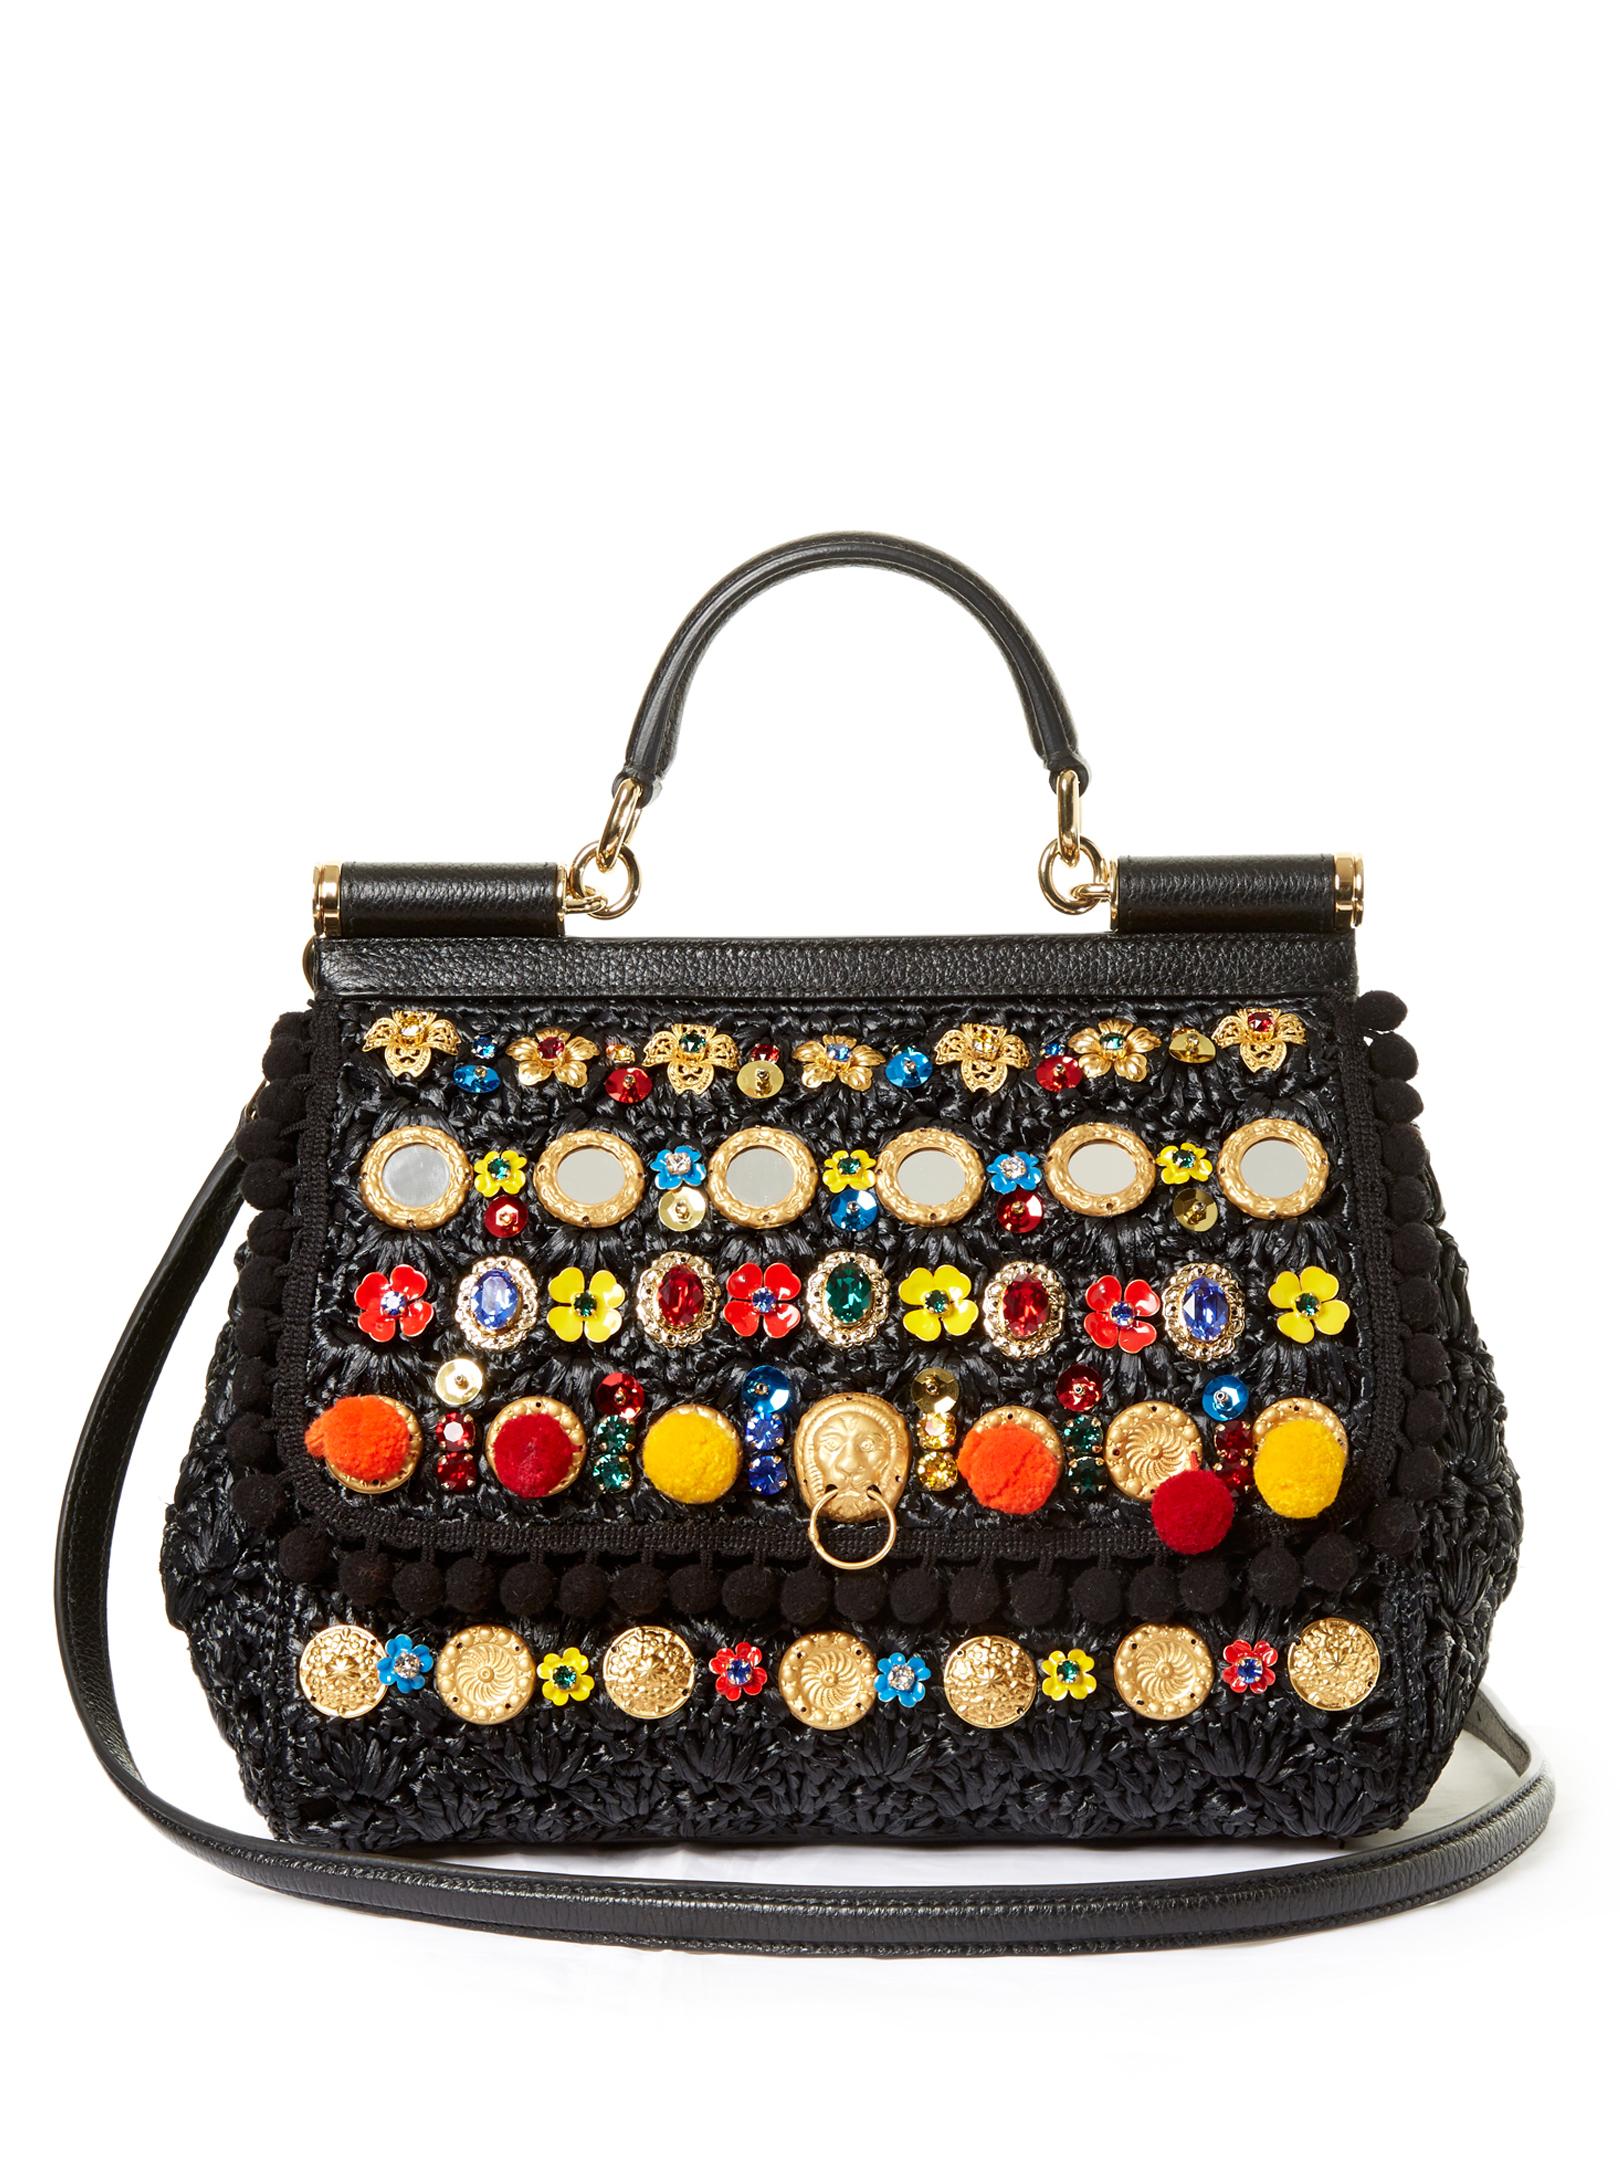 Dolce & Gabbana bag at MATCHESFASHION.COM (2) – Live A ...